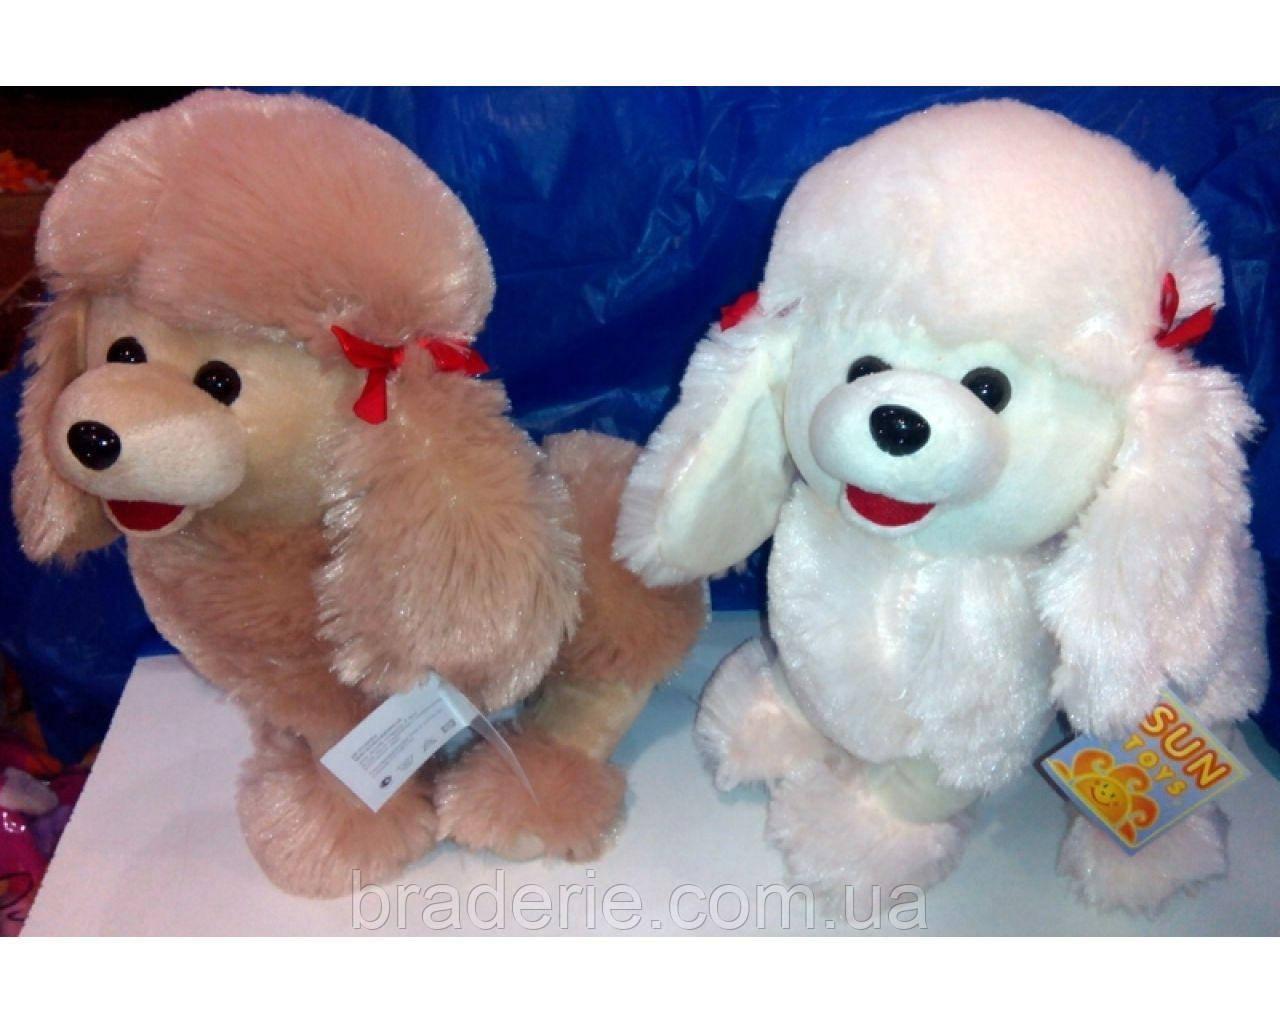 Мягкая игрушка Собака Пудель 4028-26